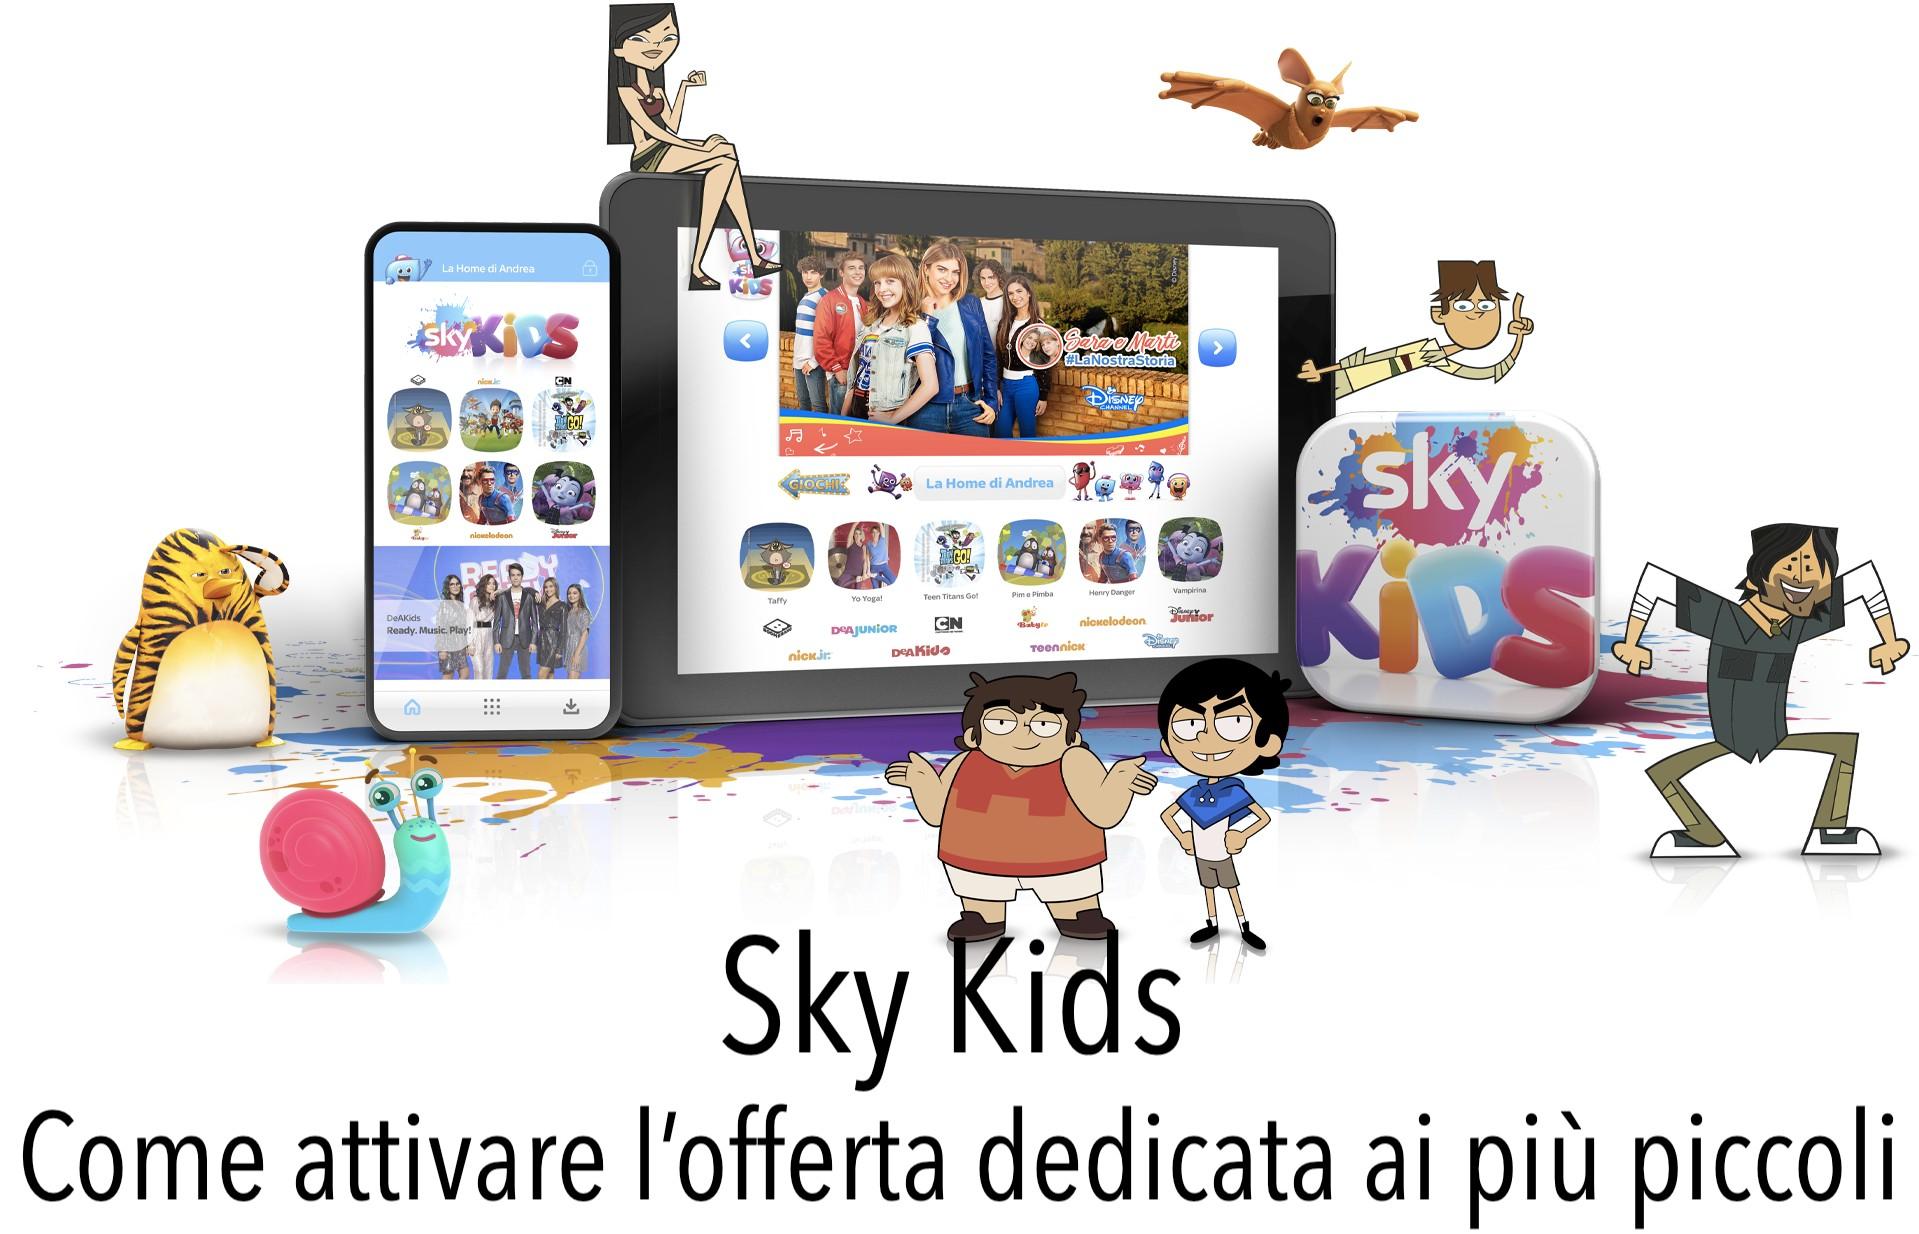 Sky Kids Promozione Attivazione Costi Offerta Abbonamento